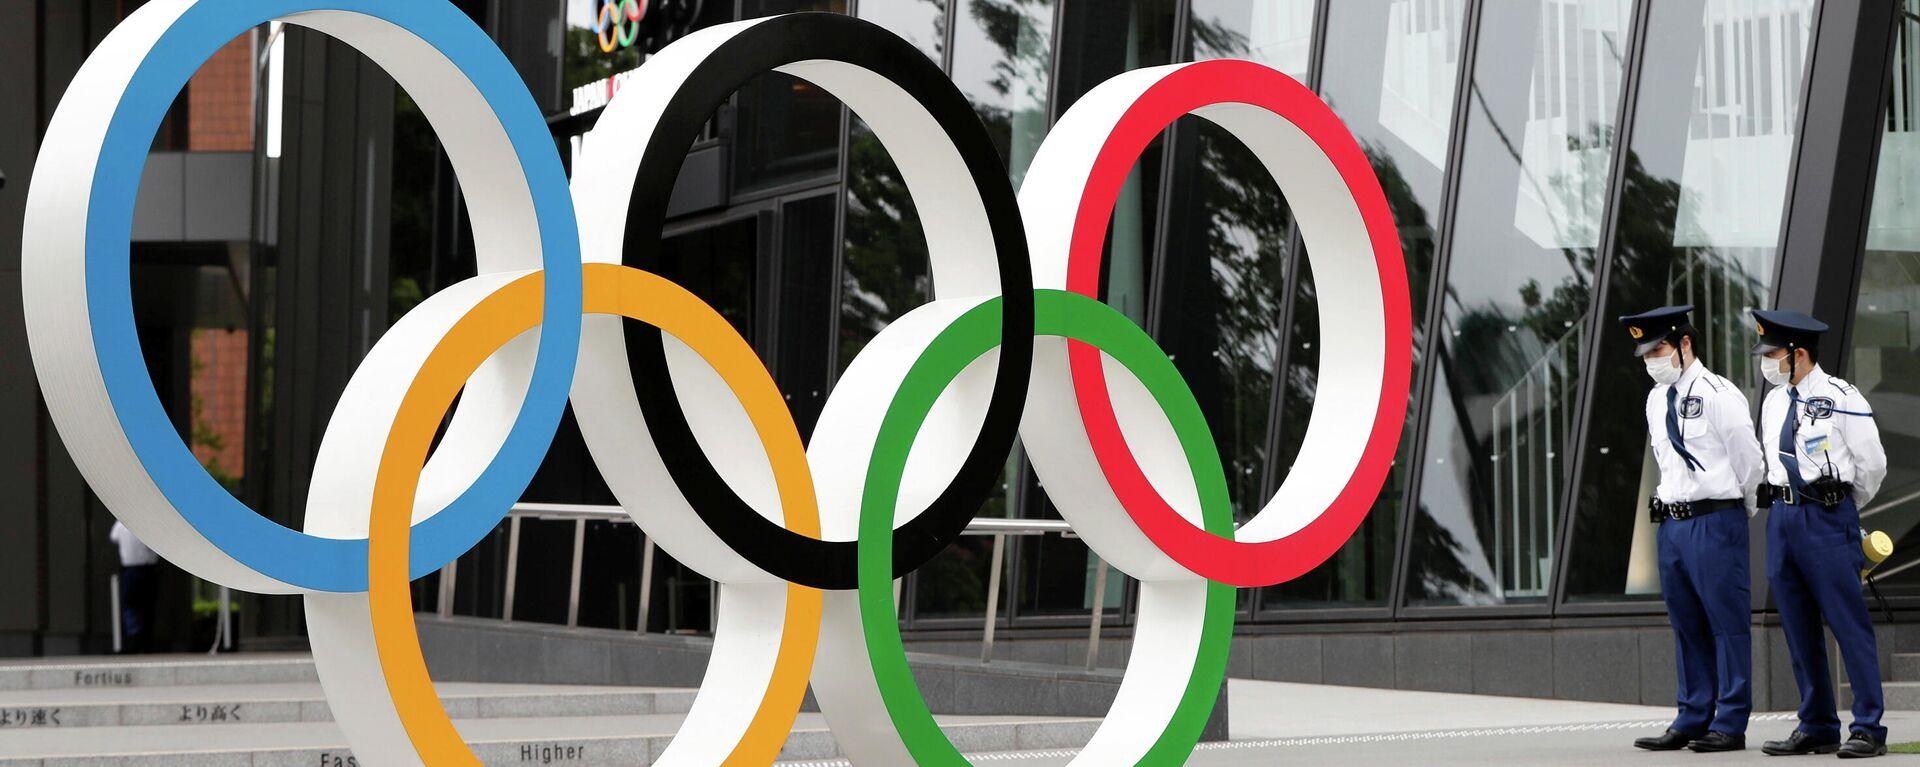 El monumento de los anillos olímpicos frente a la sede del Comité Olímpico Japonés en Tokio, Japón - Sputnik Mundo, 1920, 18.05.2021